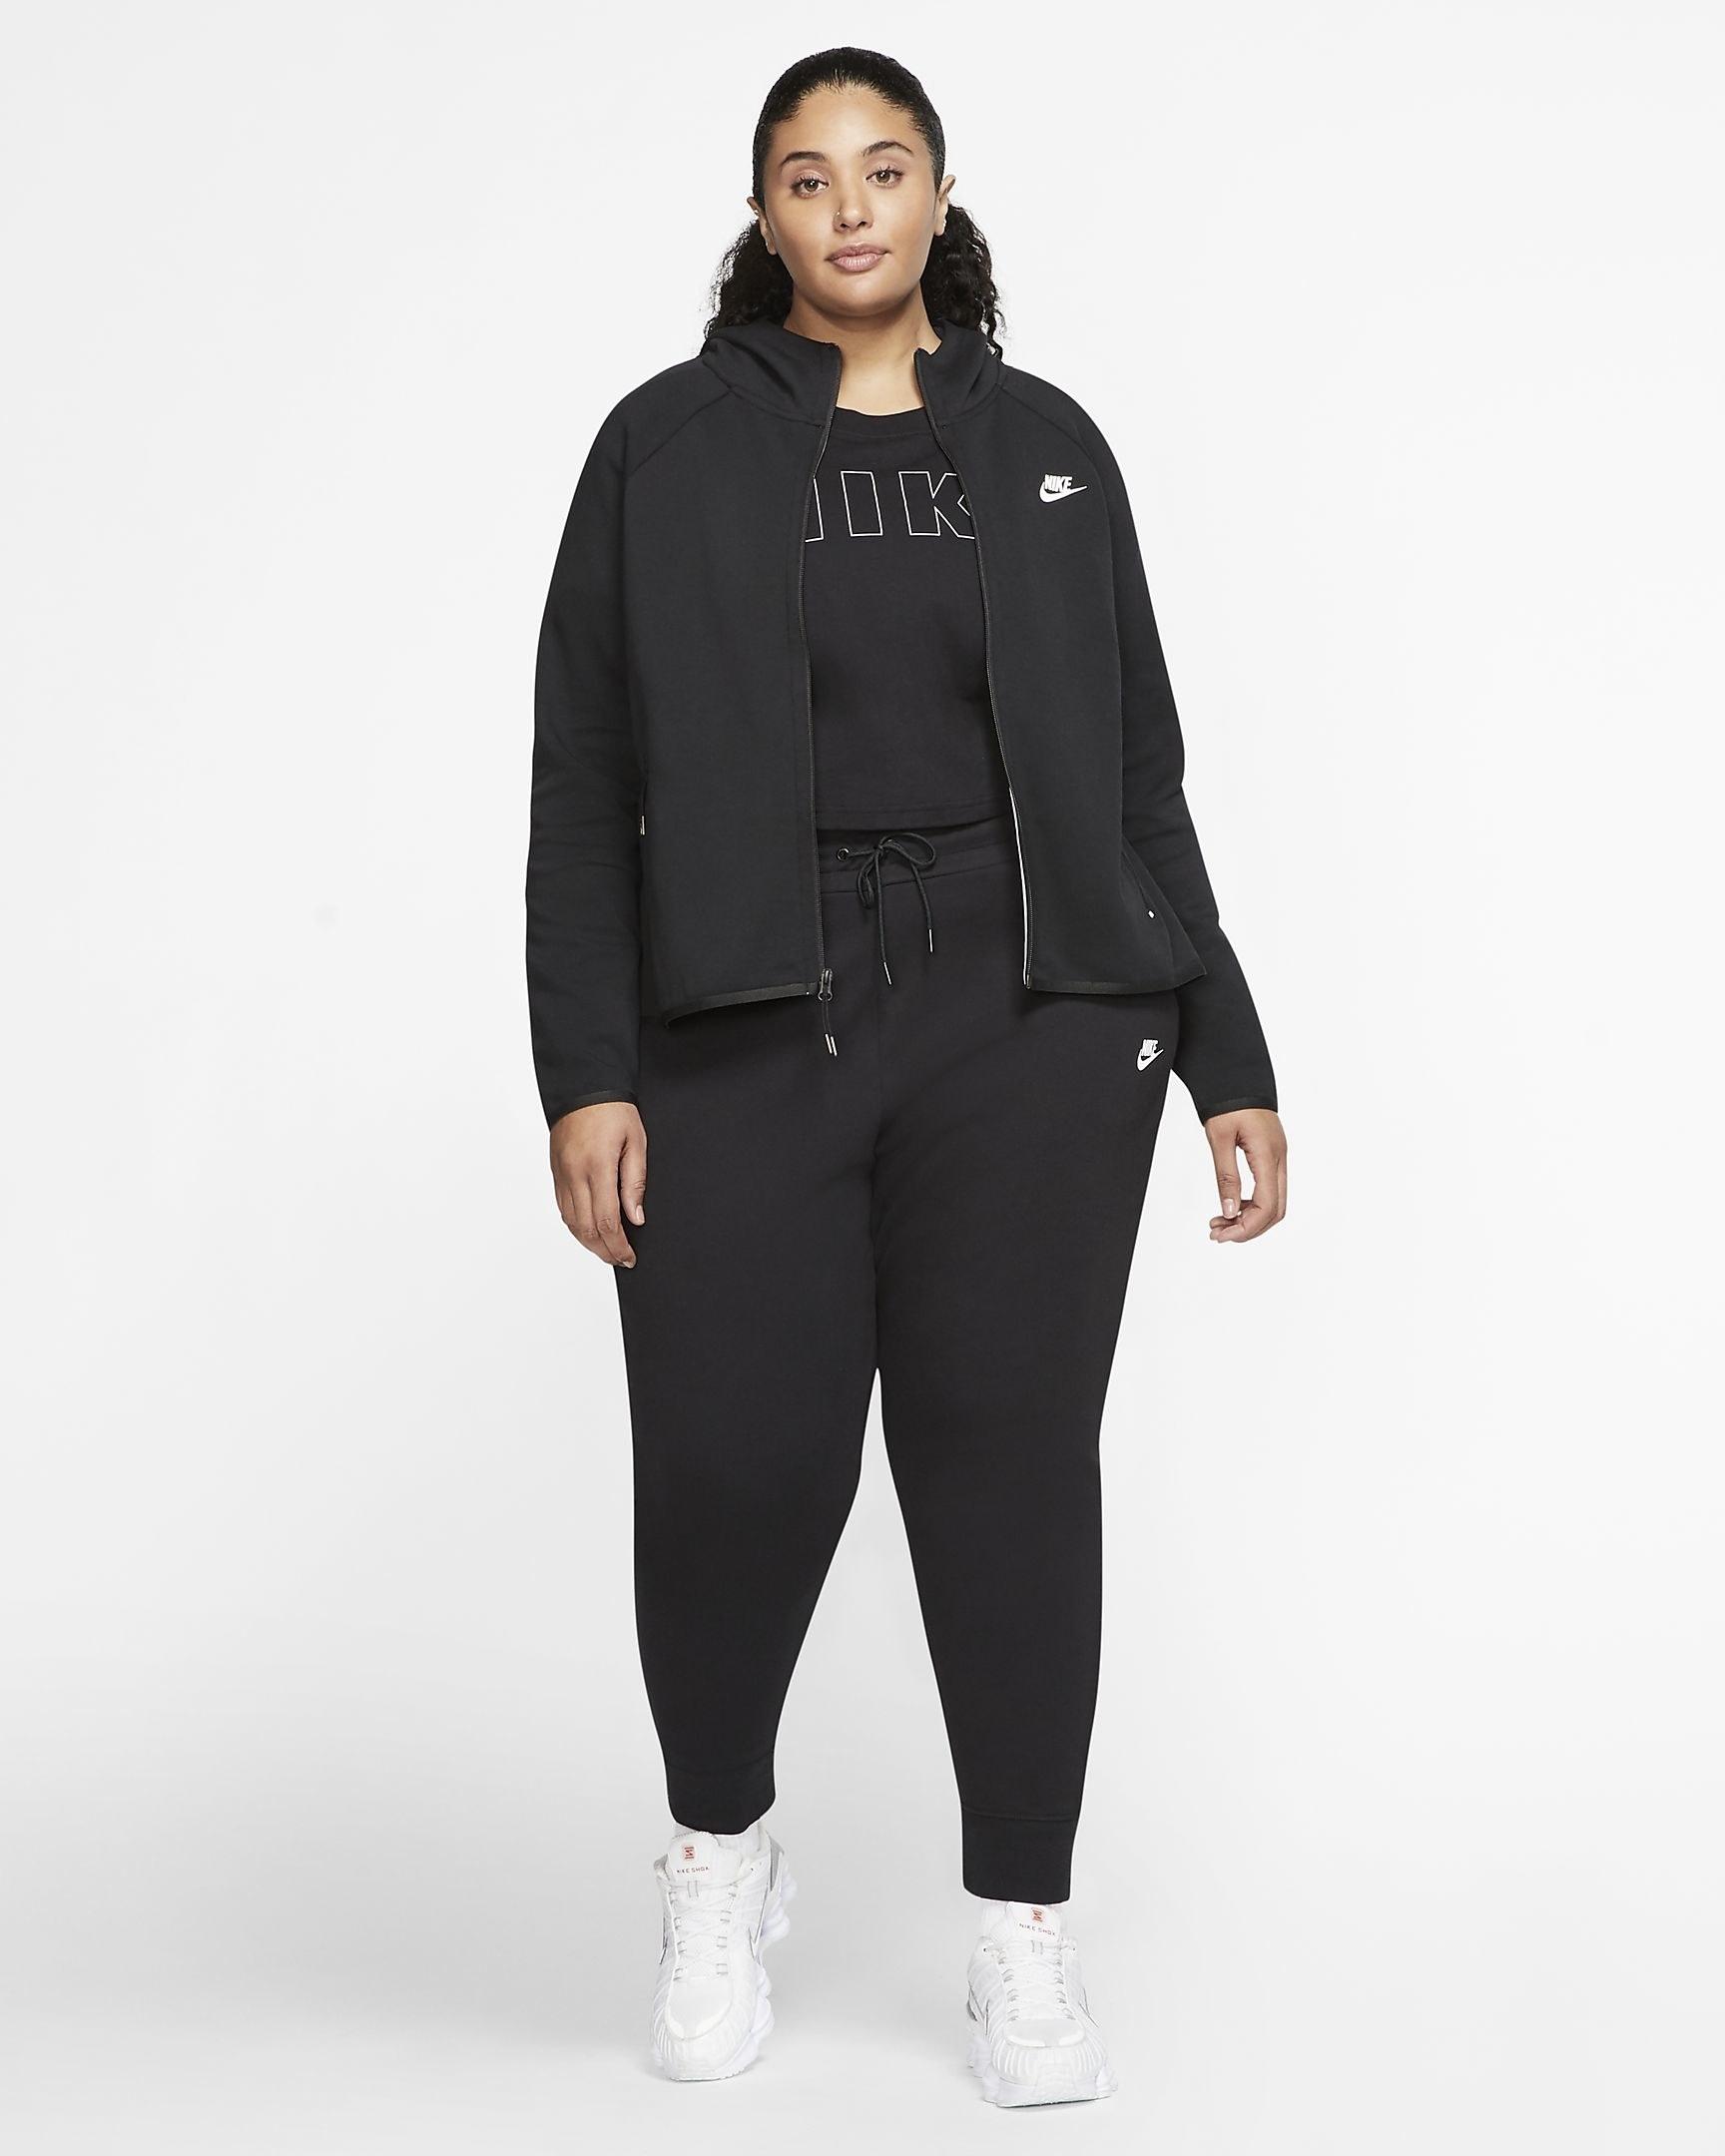 a model wearing the sweatpants in black